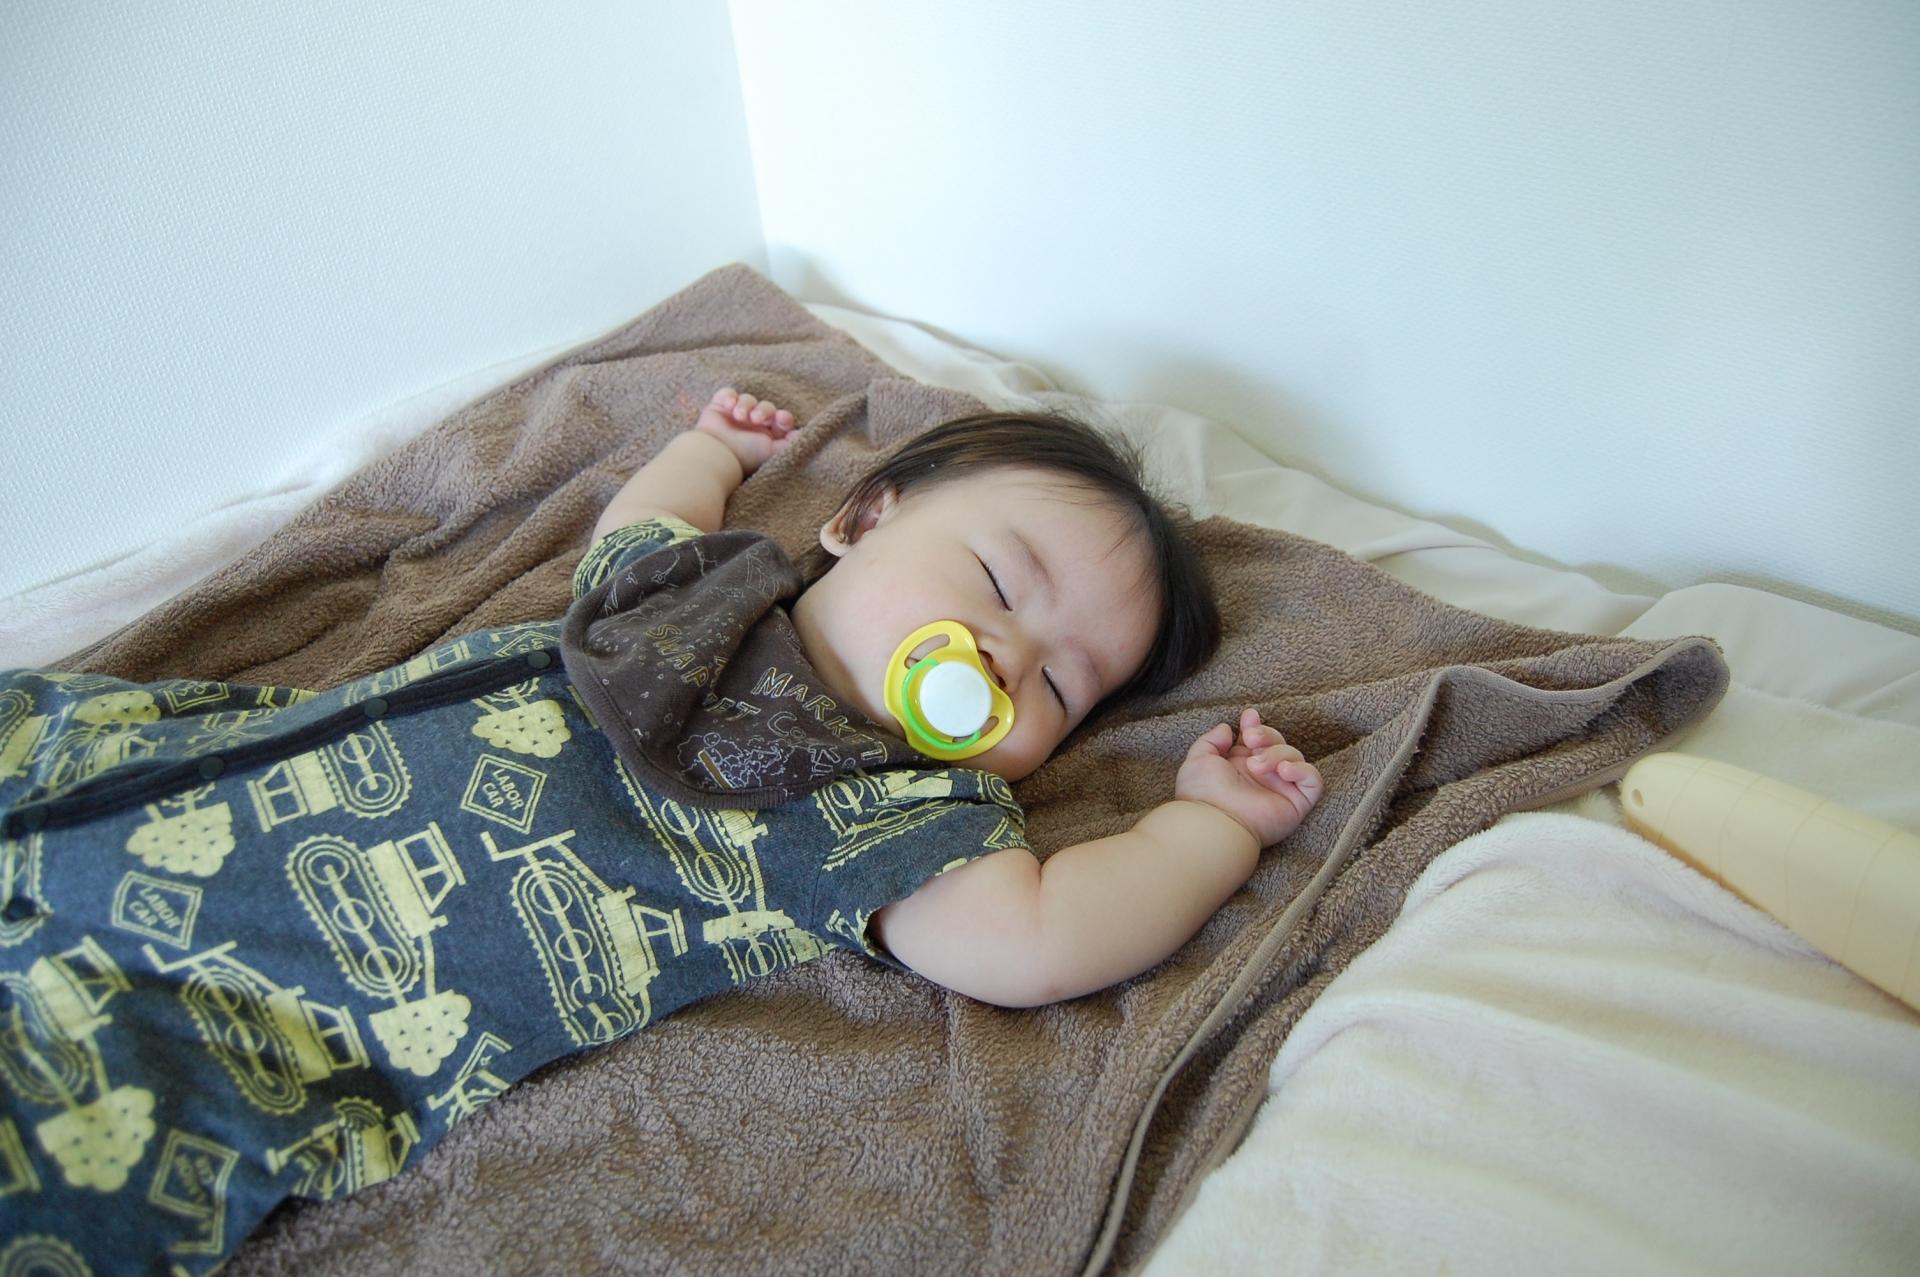 おしゃぶりは寝かしつけに便利。注意点やおすすめアイテムを紹介